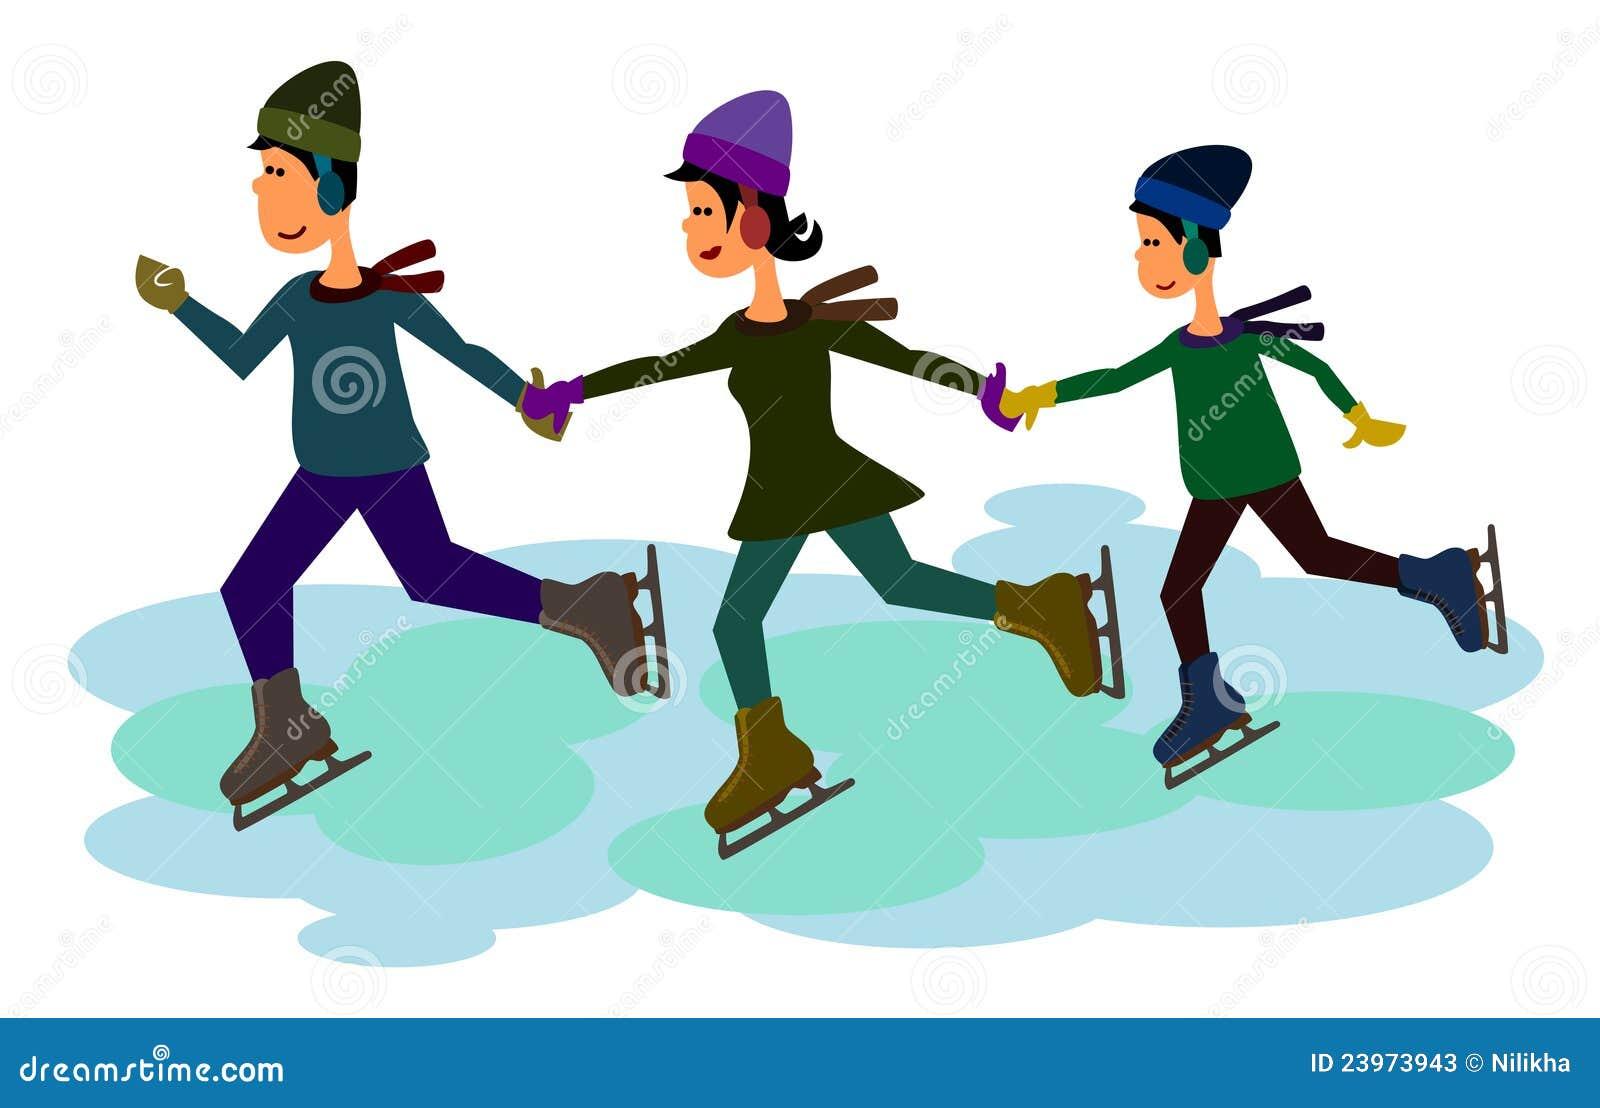 Patin de glace de famille illustration stock illustration for Patinage exterieur